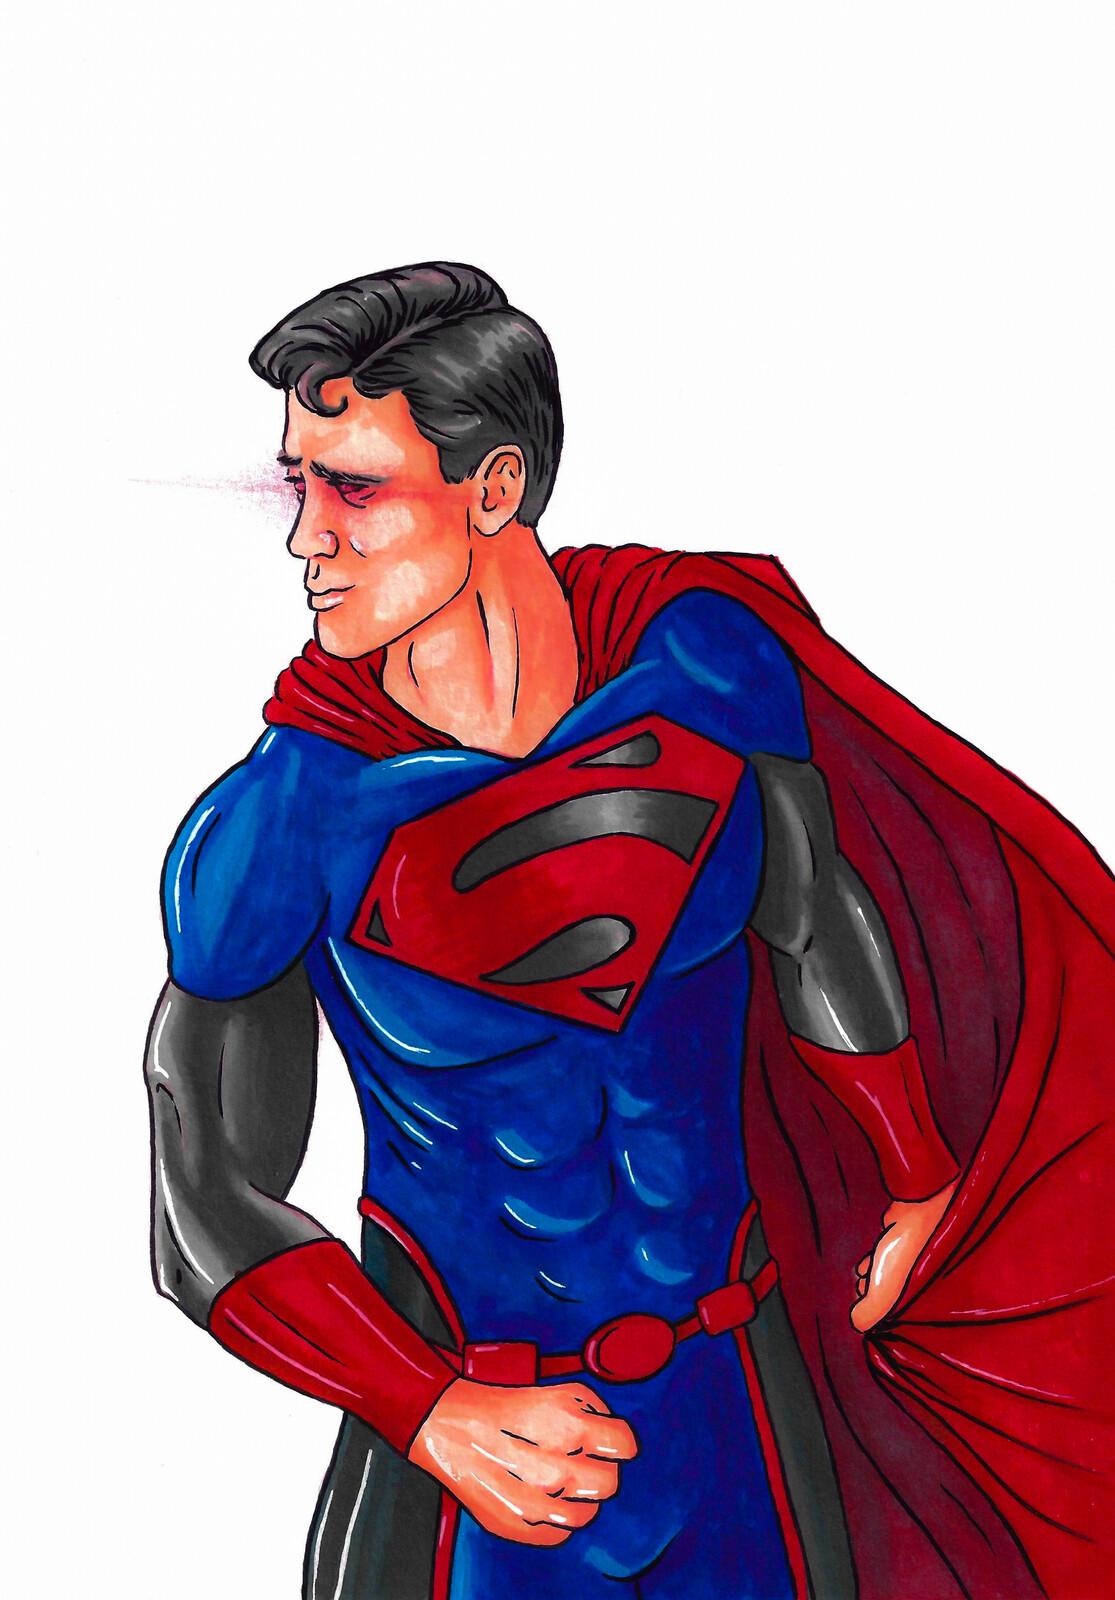 Super Man fan art